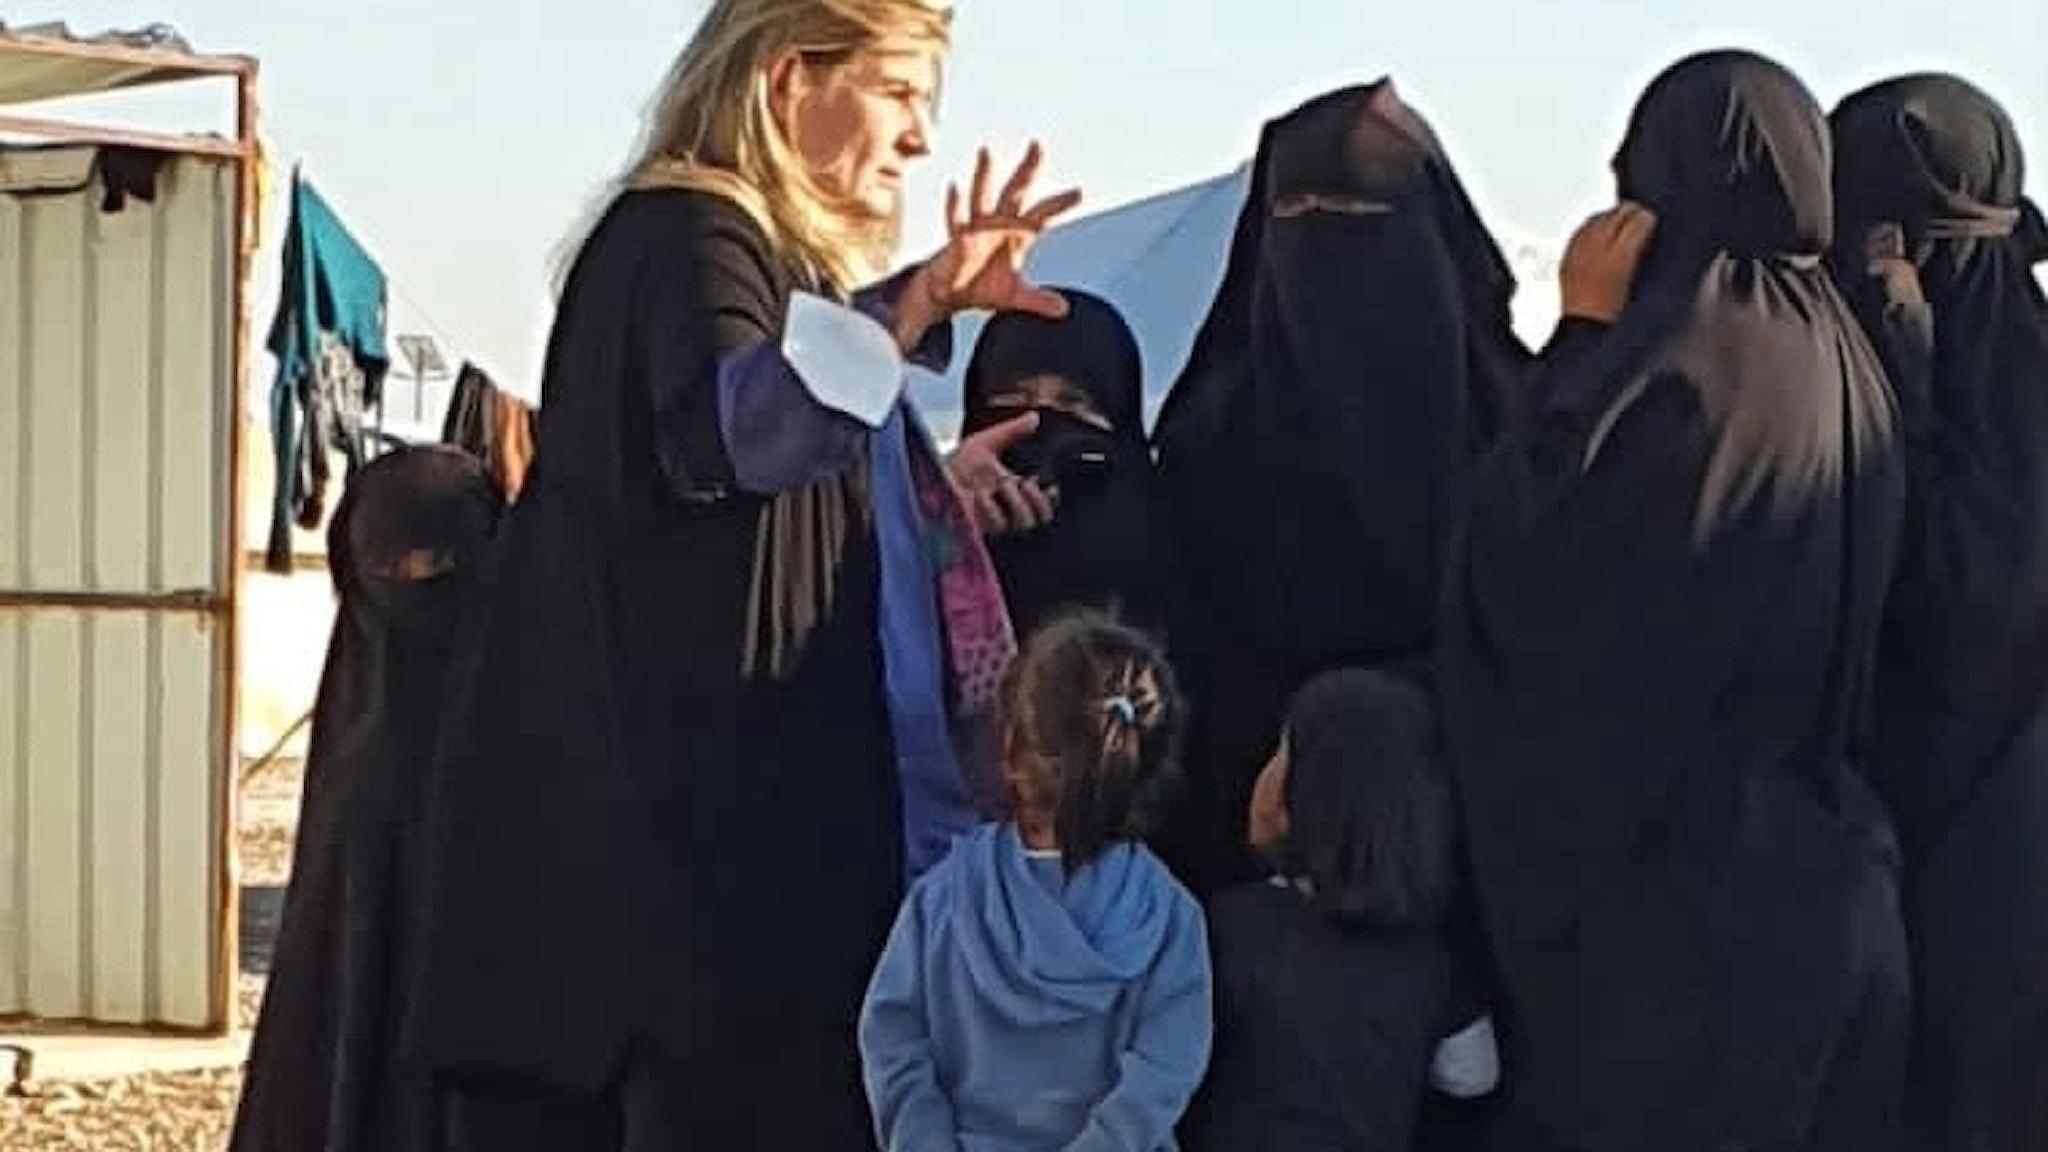 Cecilia Uddén med kvinnor och barn i interneringsläger i norra Syrien.